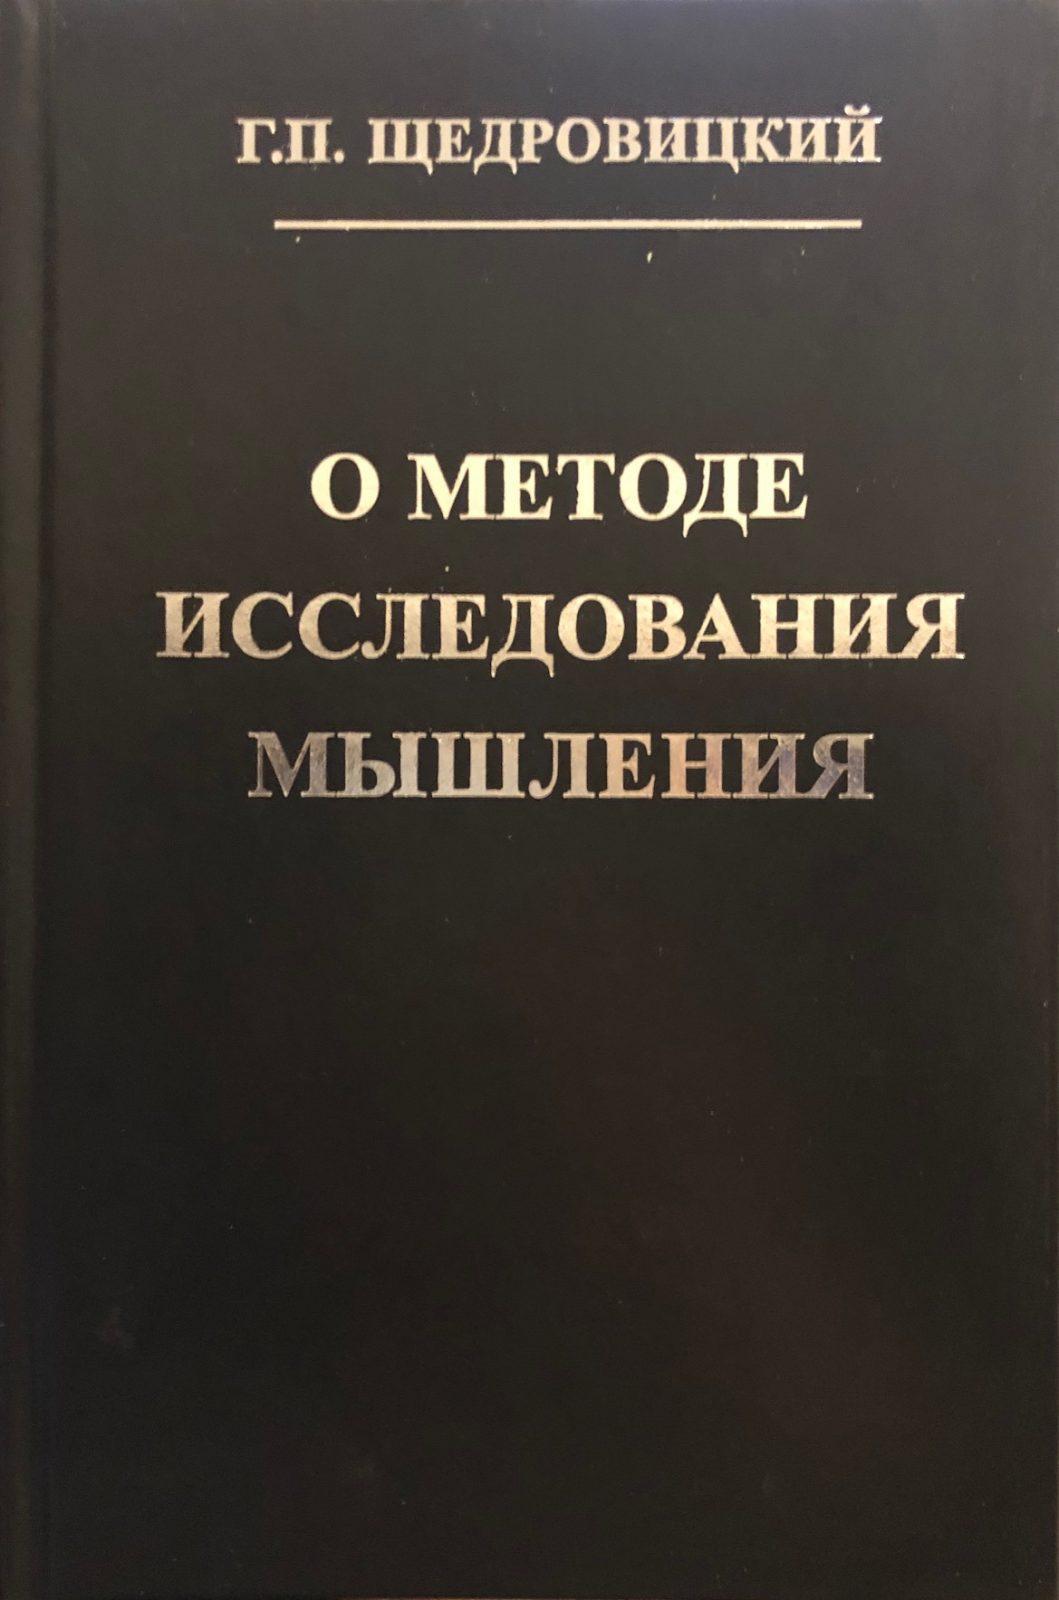 Онтология Мыследеятельности<br> как Общественный идеал <br> Часть I